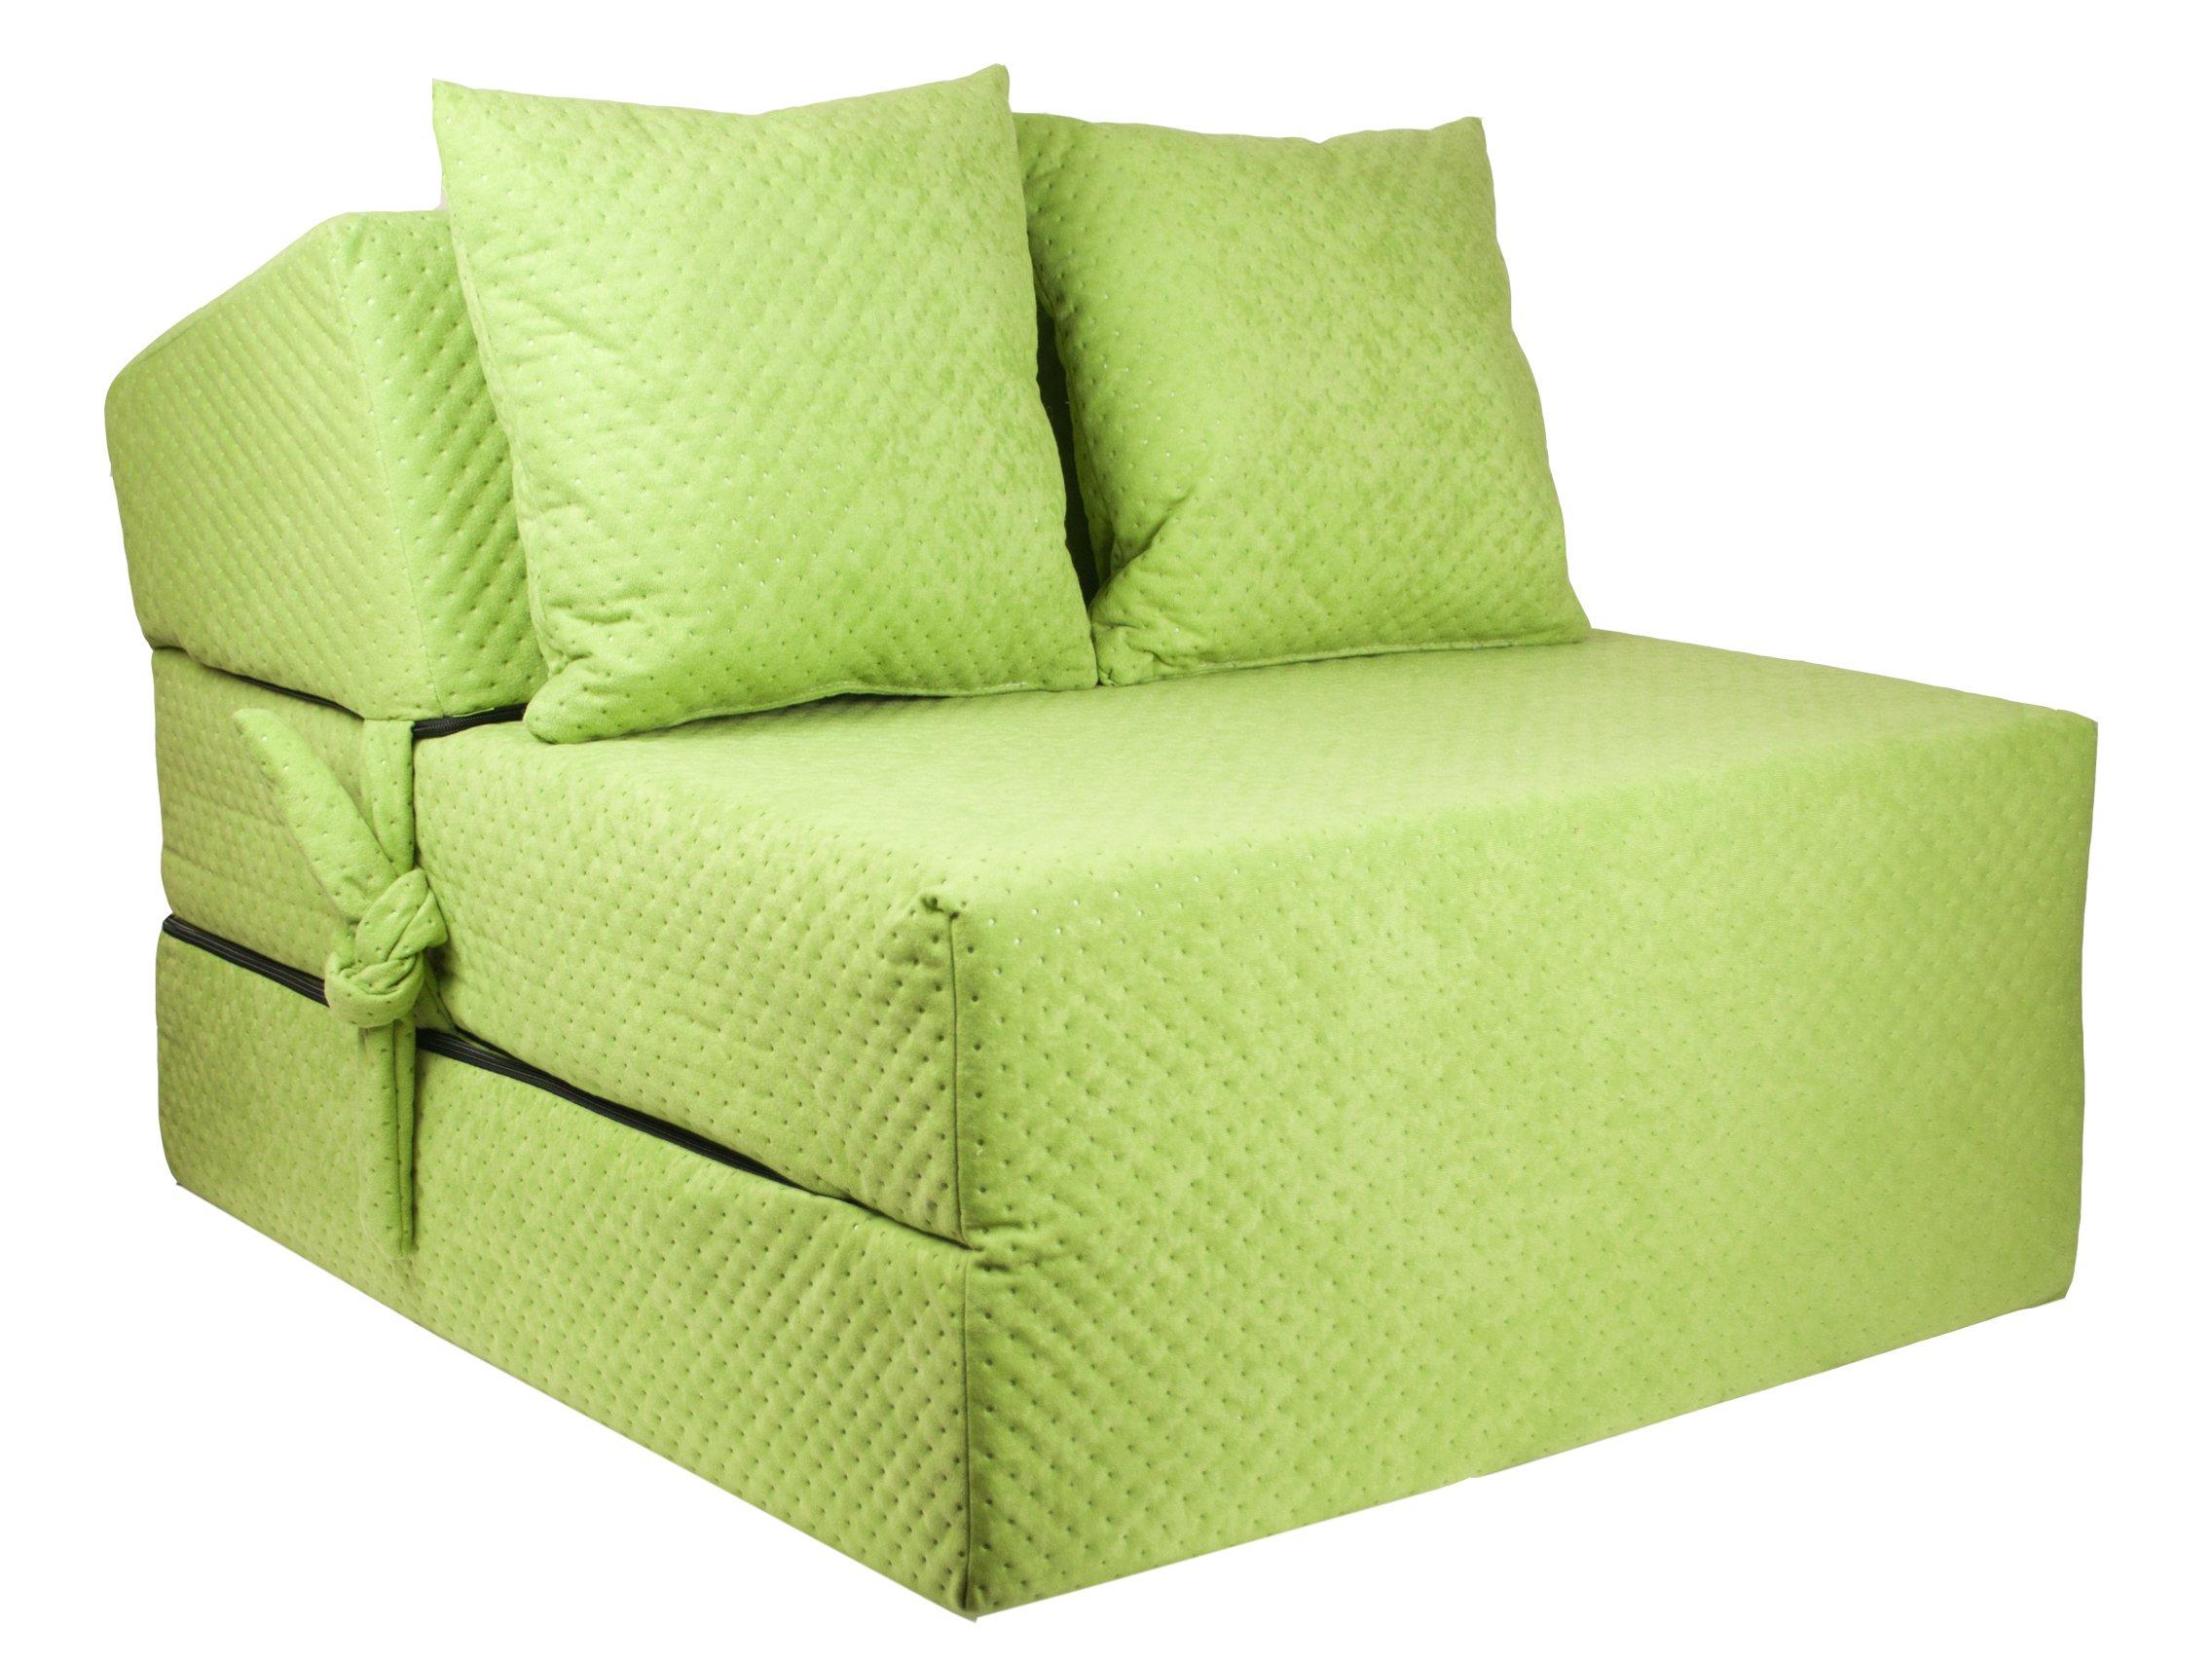 FIMEX Rozkládací křeslo SUPER Comfort pro hosty 70x200x15 Zelená